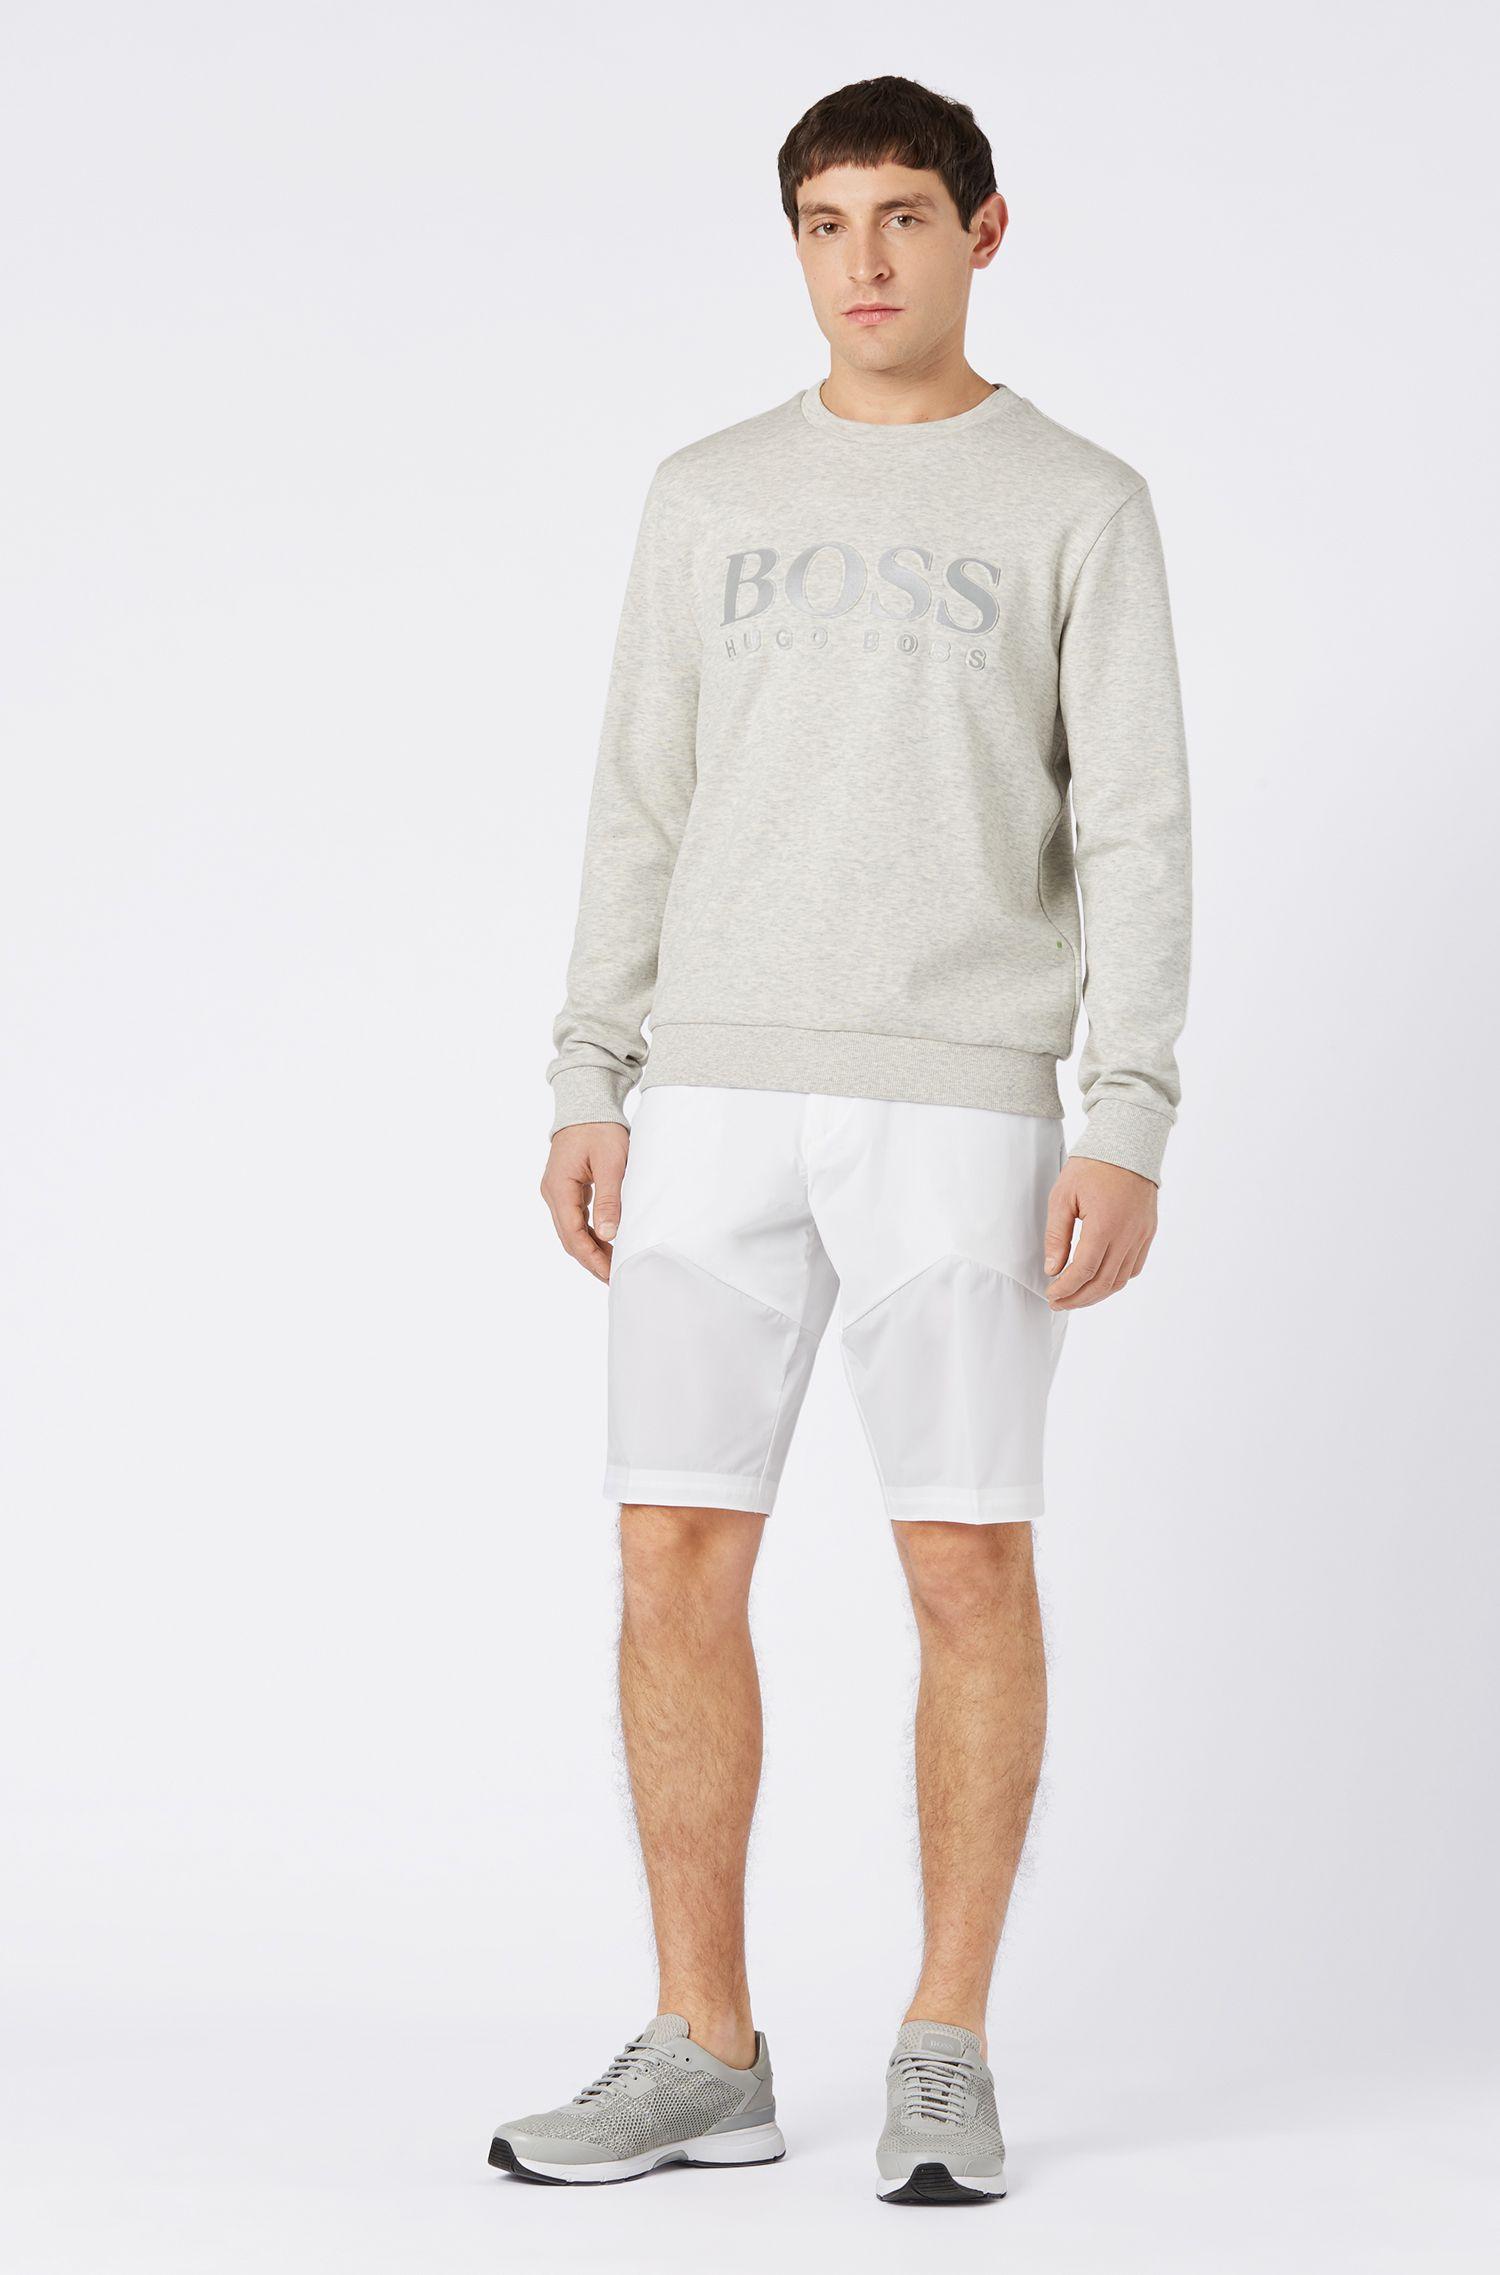 Multifunktionale Slim-Fit Shorts aus leichtem Stretch-Gewebe, Weiß